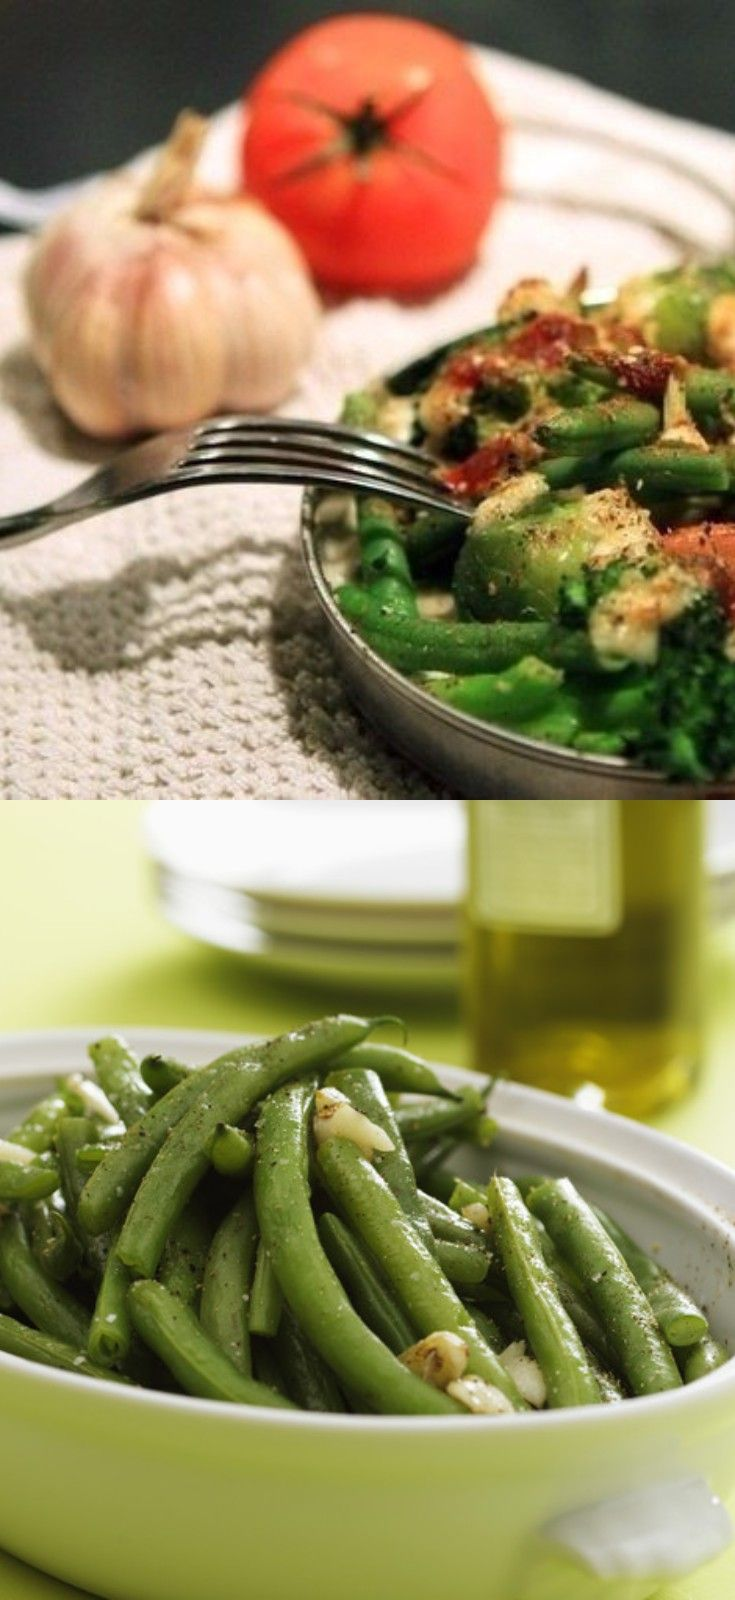 Для любителей вкусного и полезного: 8 потрясающих рецептов ...